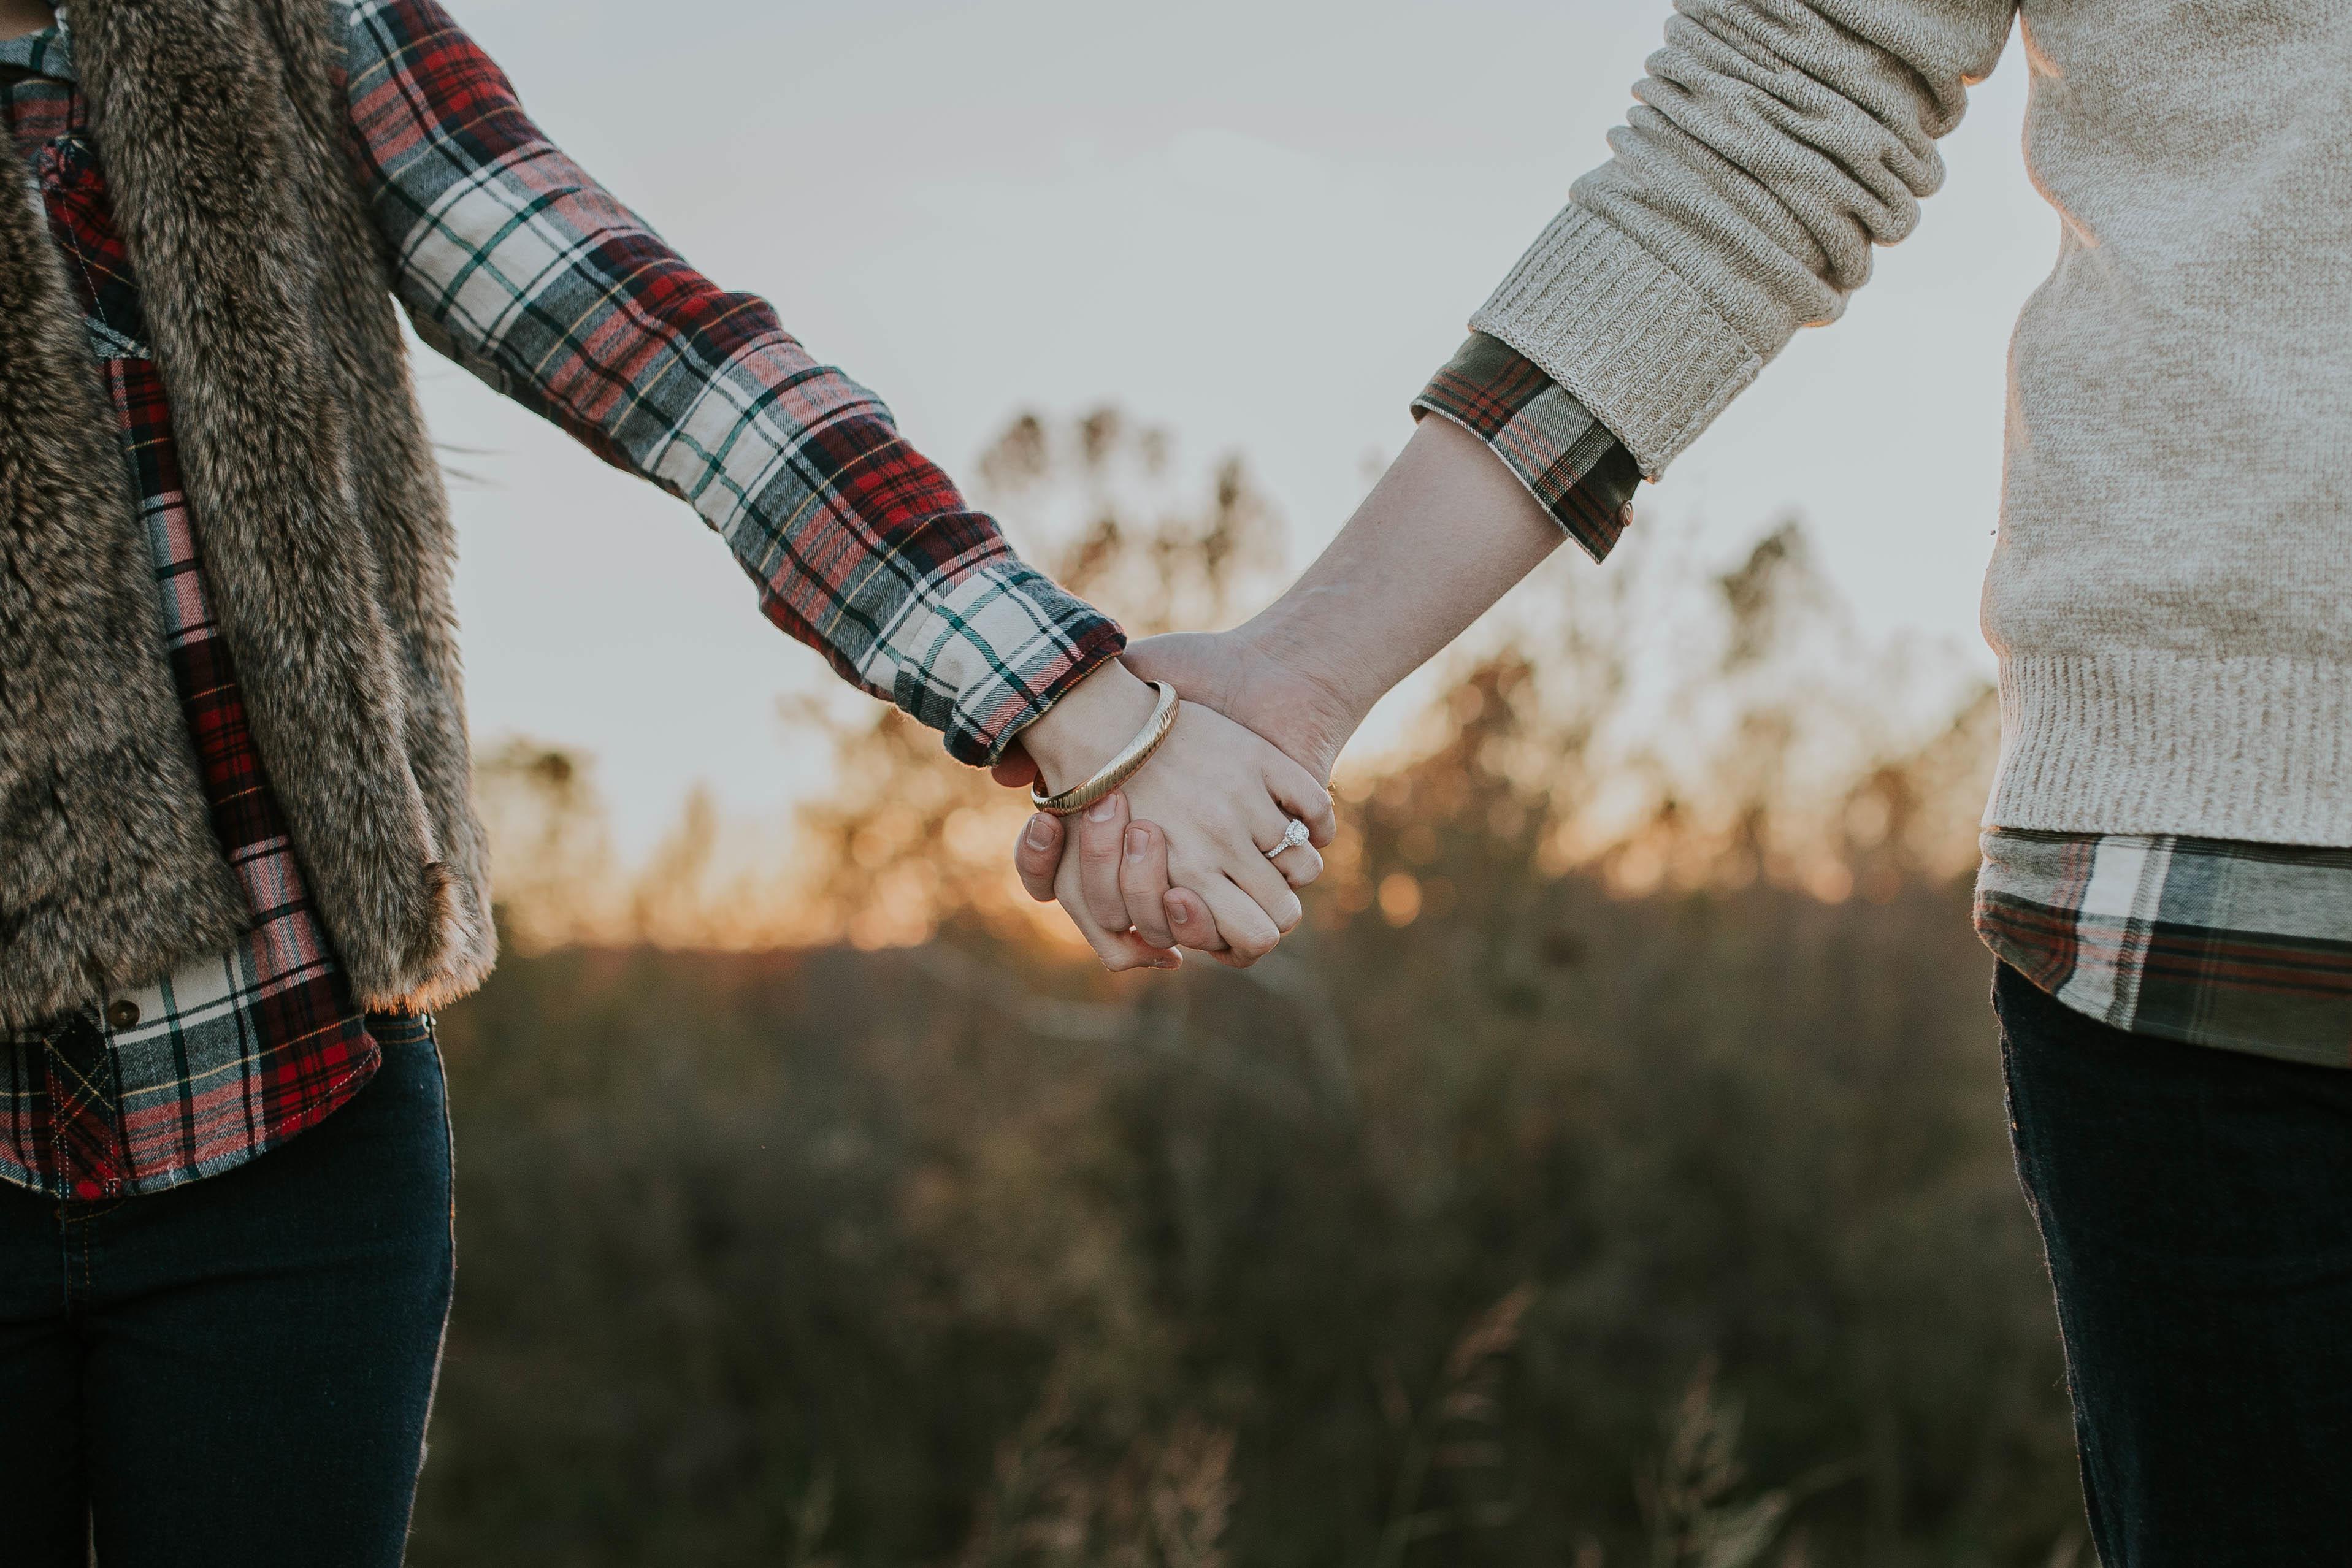 Tình yêu thời nay thật nhạt nhẽo: Hôm nay mình đi đâu, làm gì bây giờ nhỉ? - Ảnh 2.